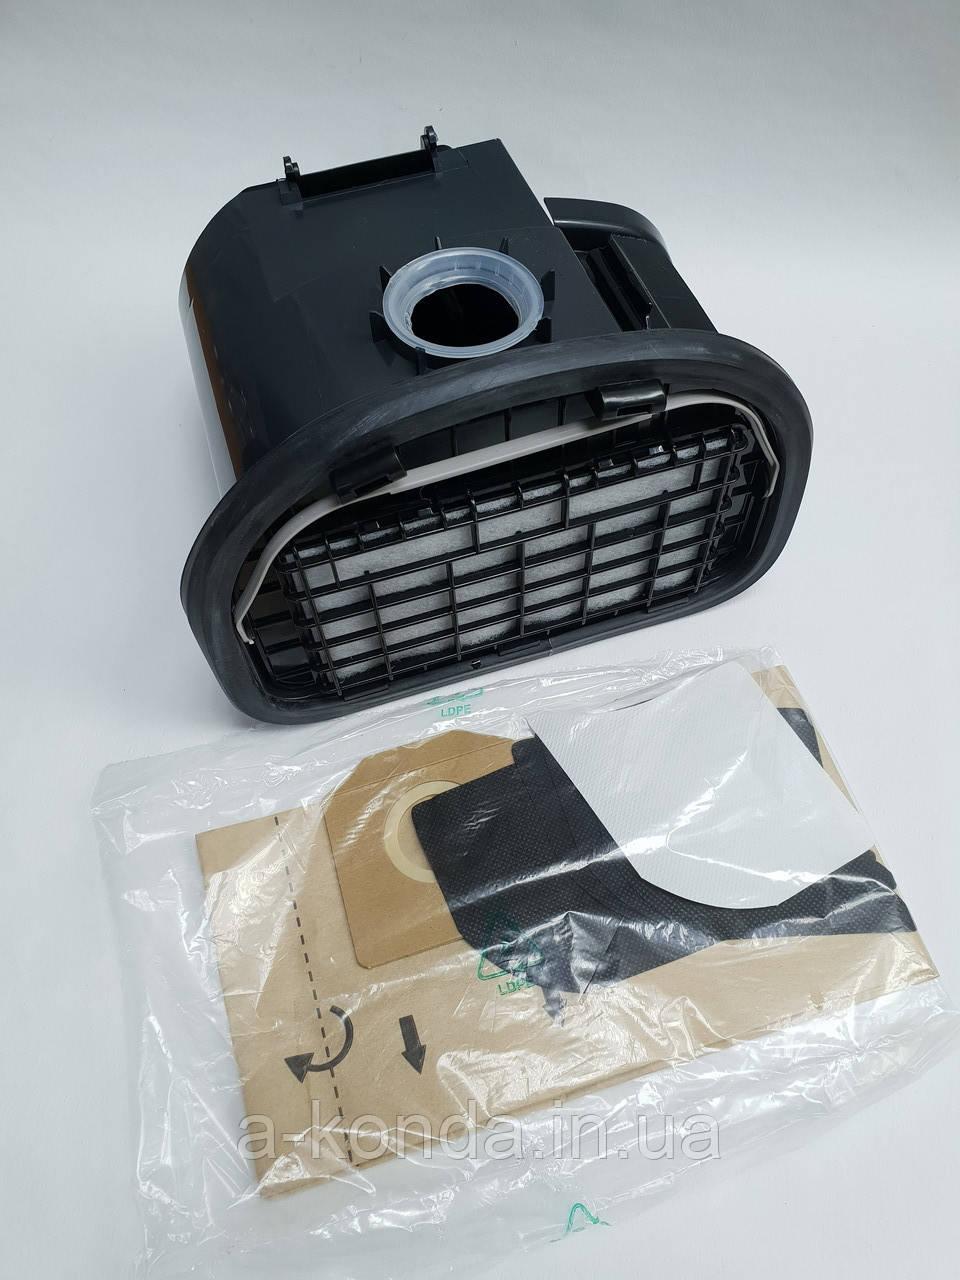 Контейнер для пыли (пылесборник) для пылесоса Zelmer 619.0350